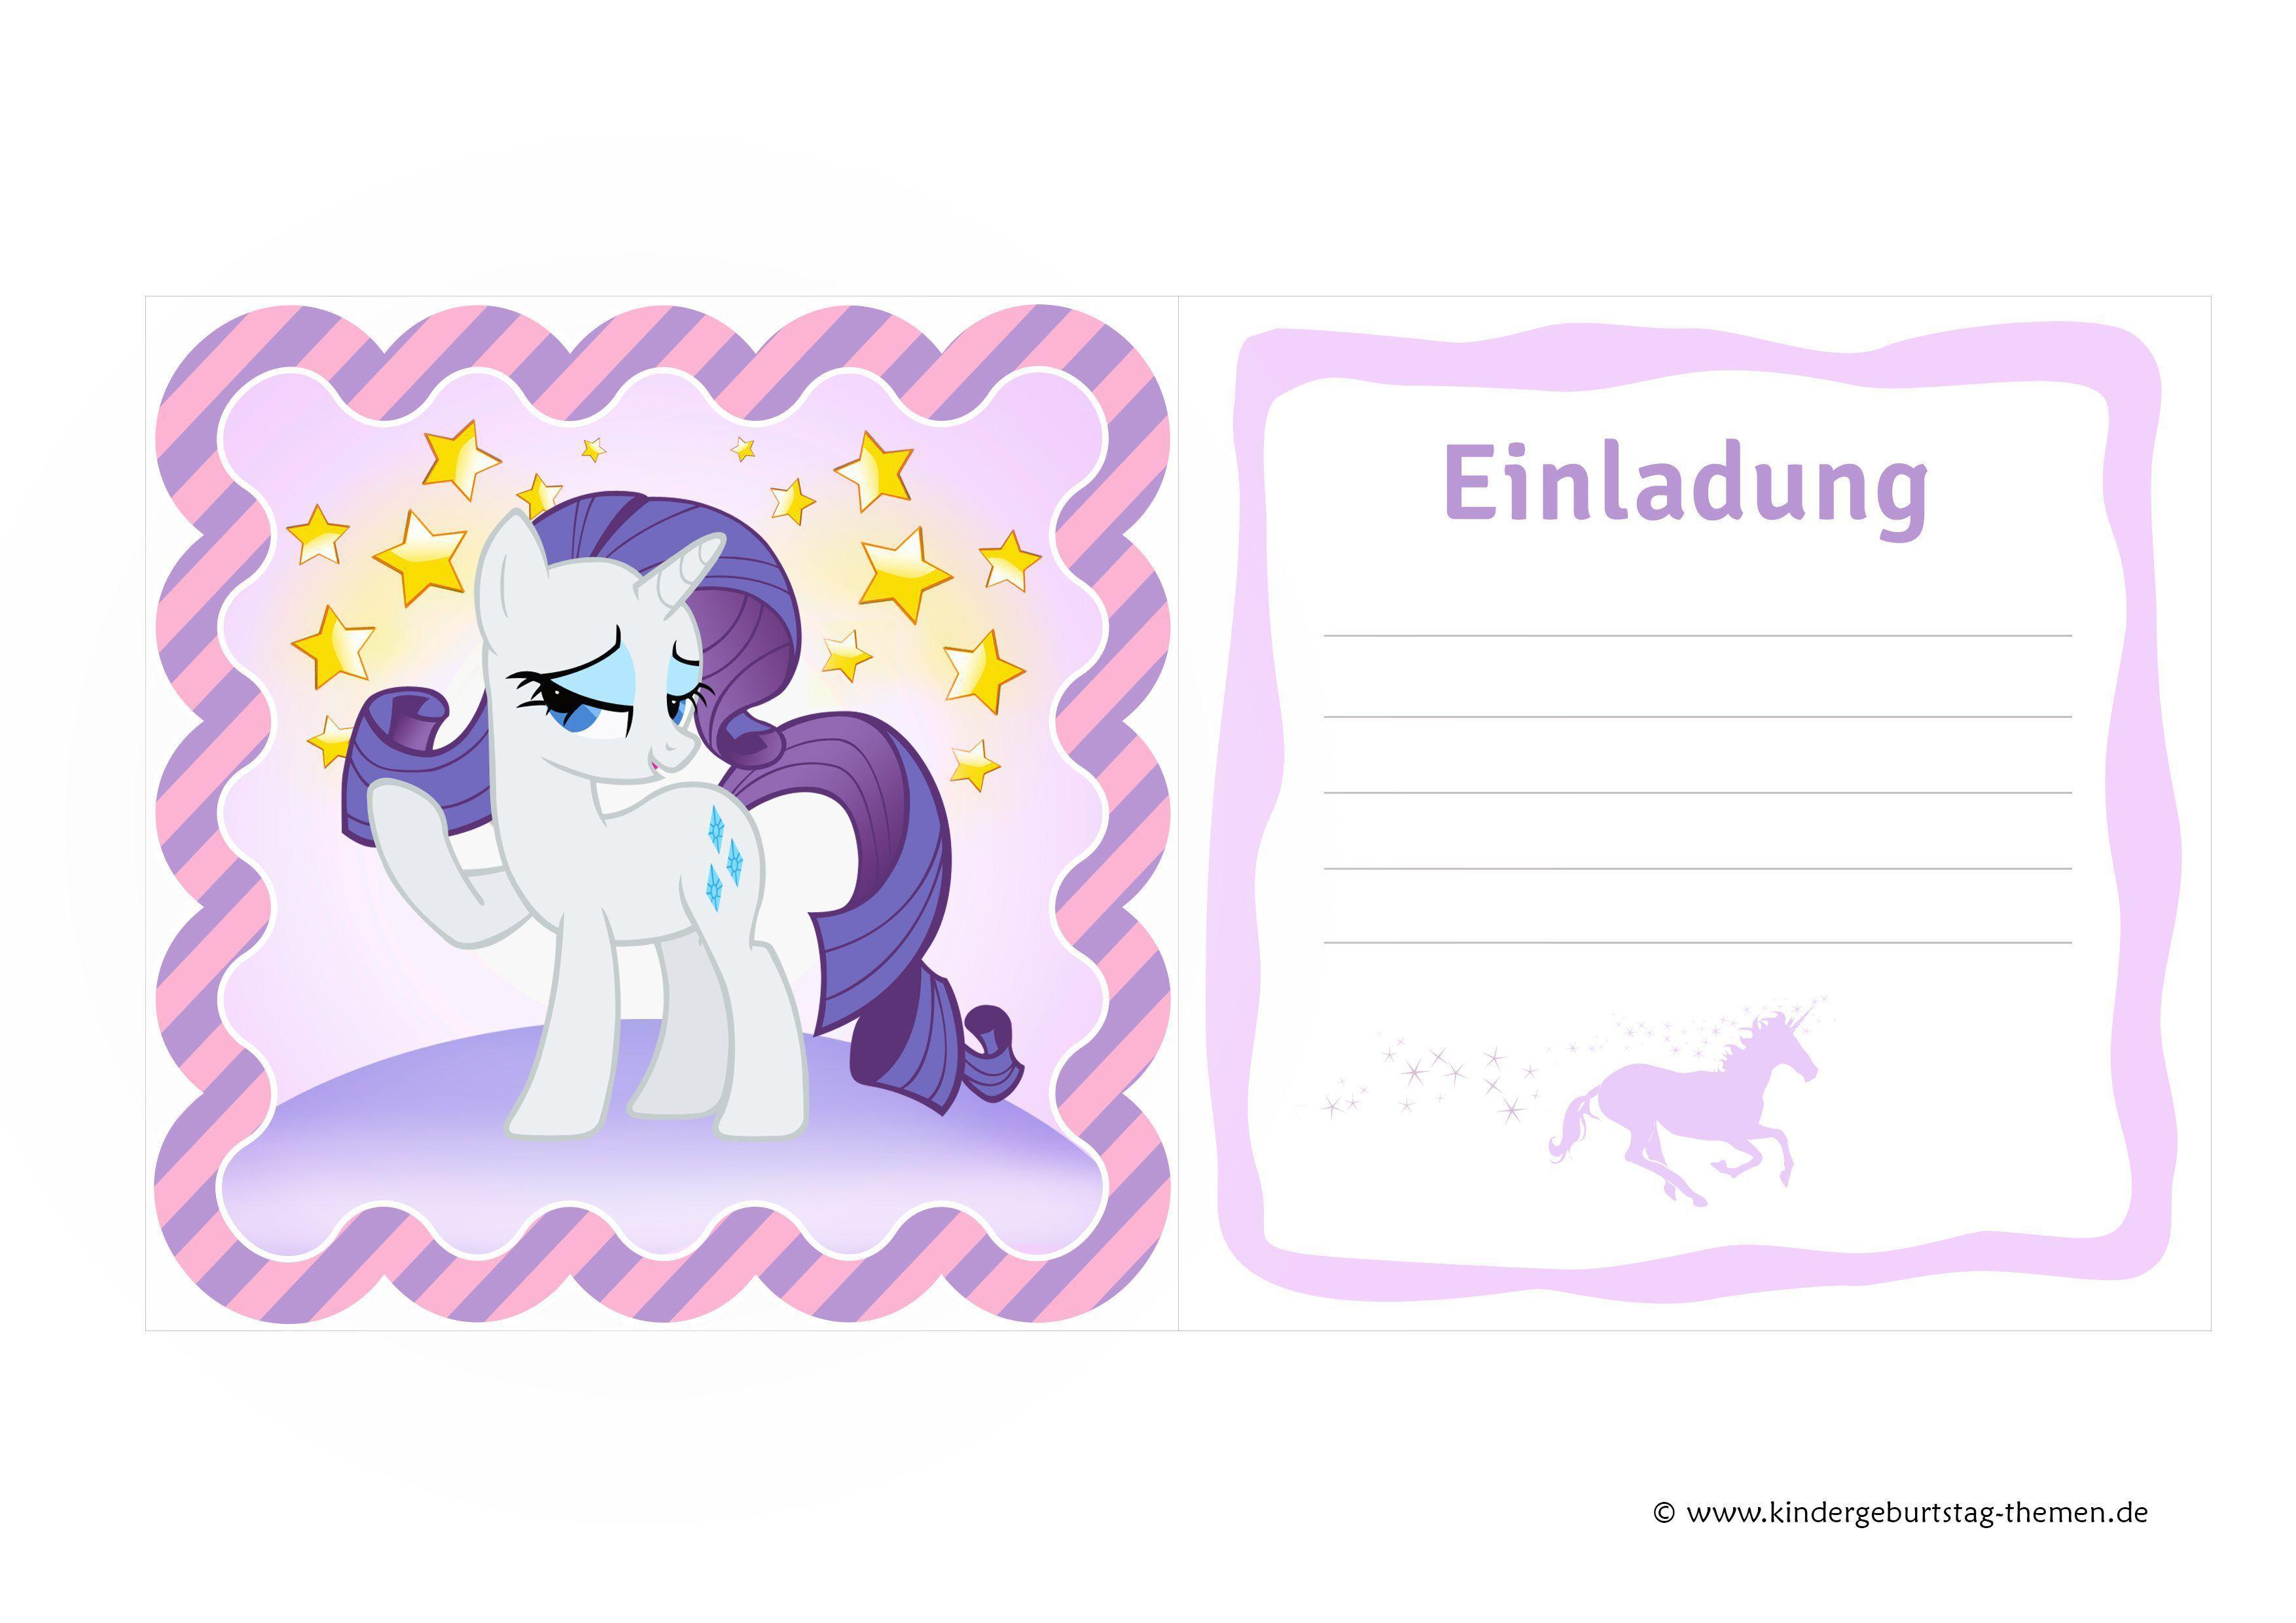 Außergewöhnlich Einladungskarten Kindergeburtstag : Einladungskarten Kindergeburtstag Online    Kindergeburtstag Einladung   Kindergeburtstag Einladung